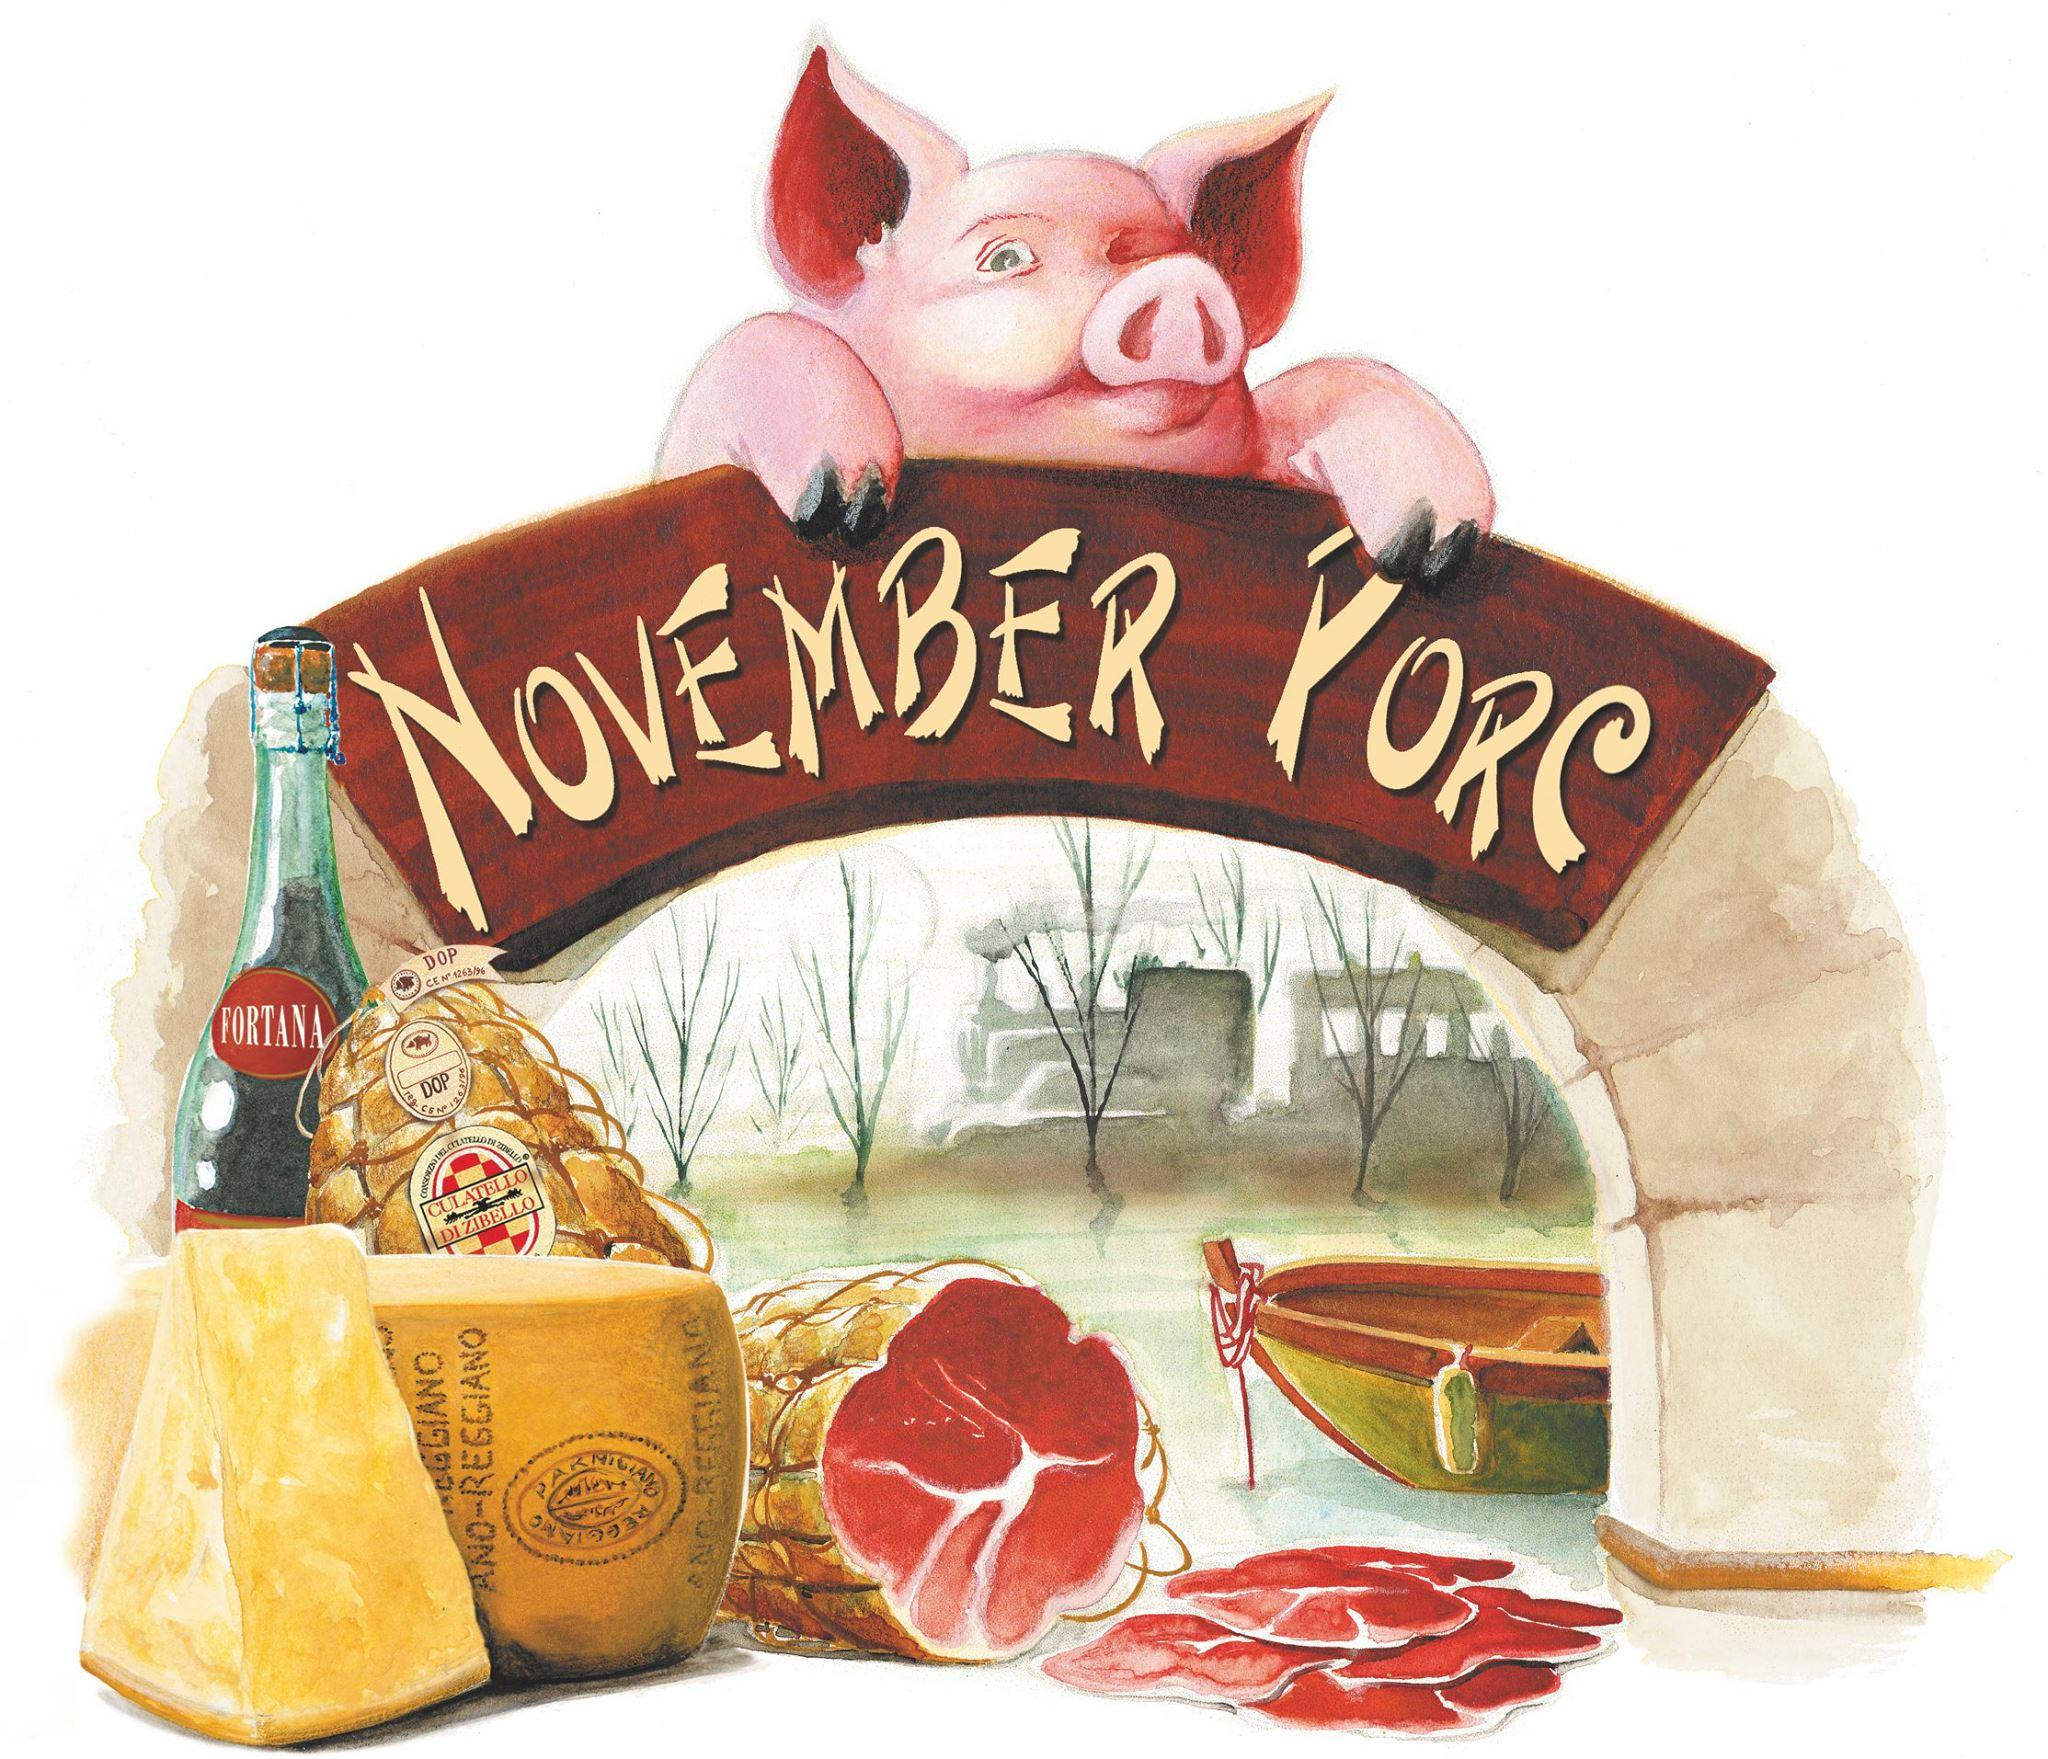 Hotel November Porc Novembre Porc Camere spaziose Relax e Benessere Campus Hotel